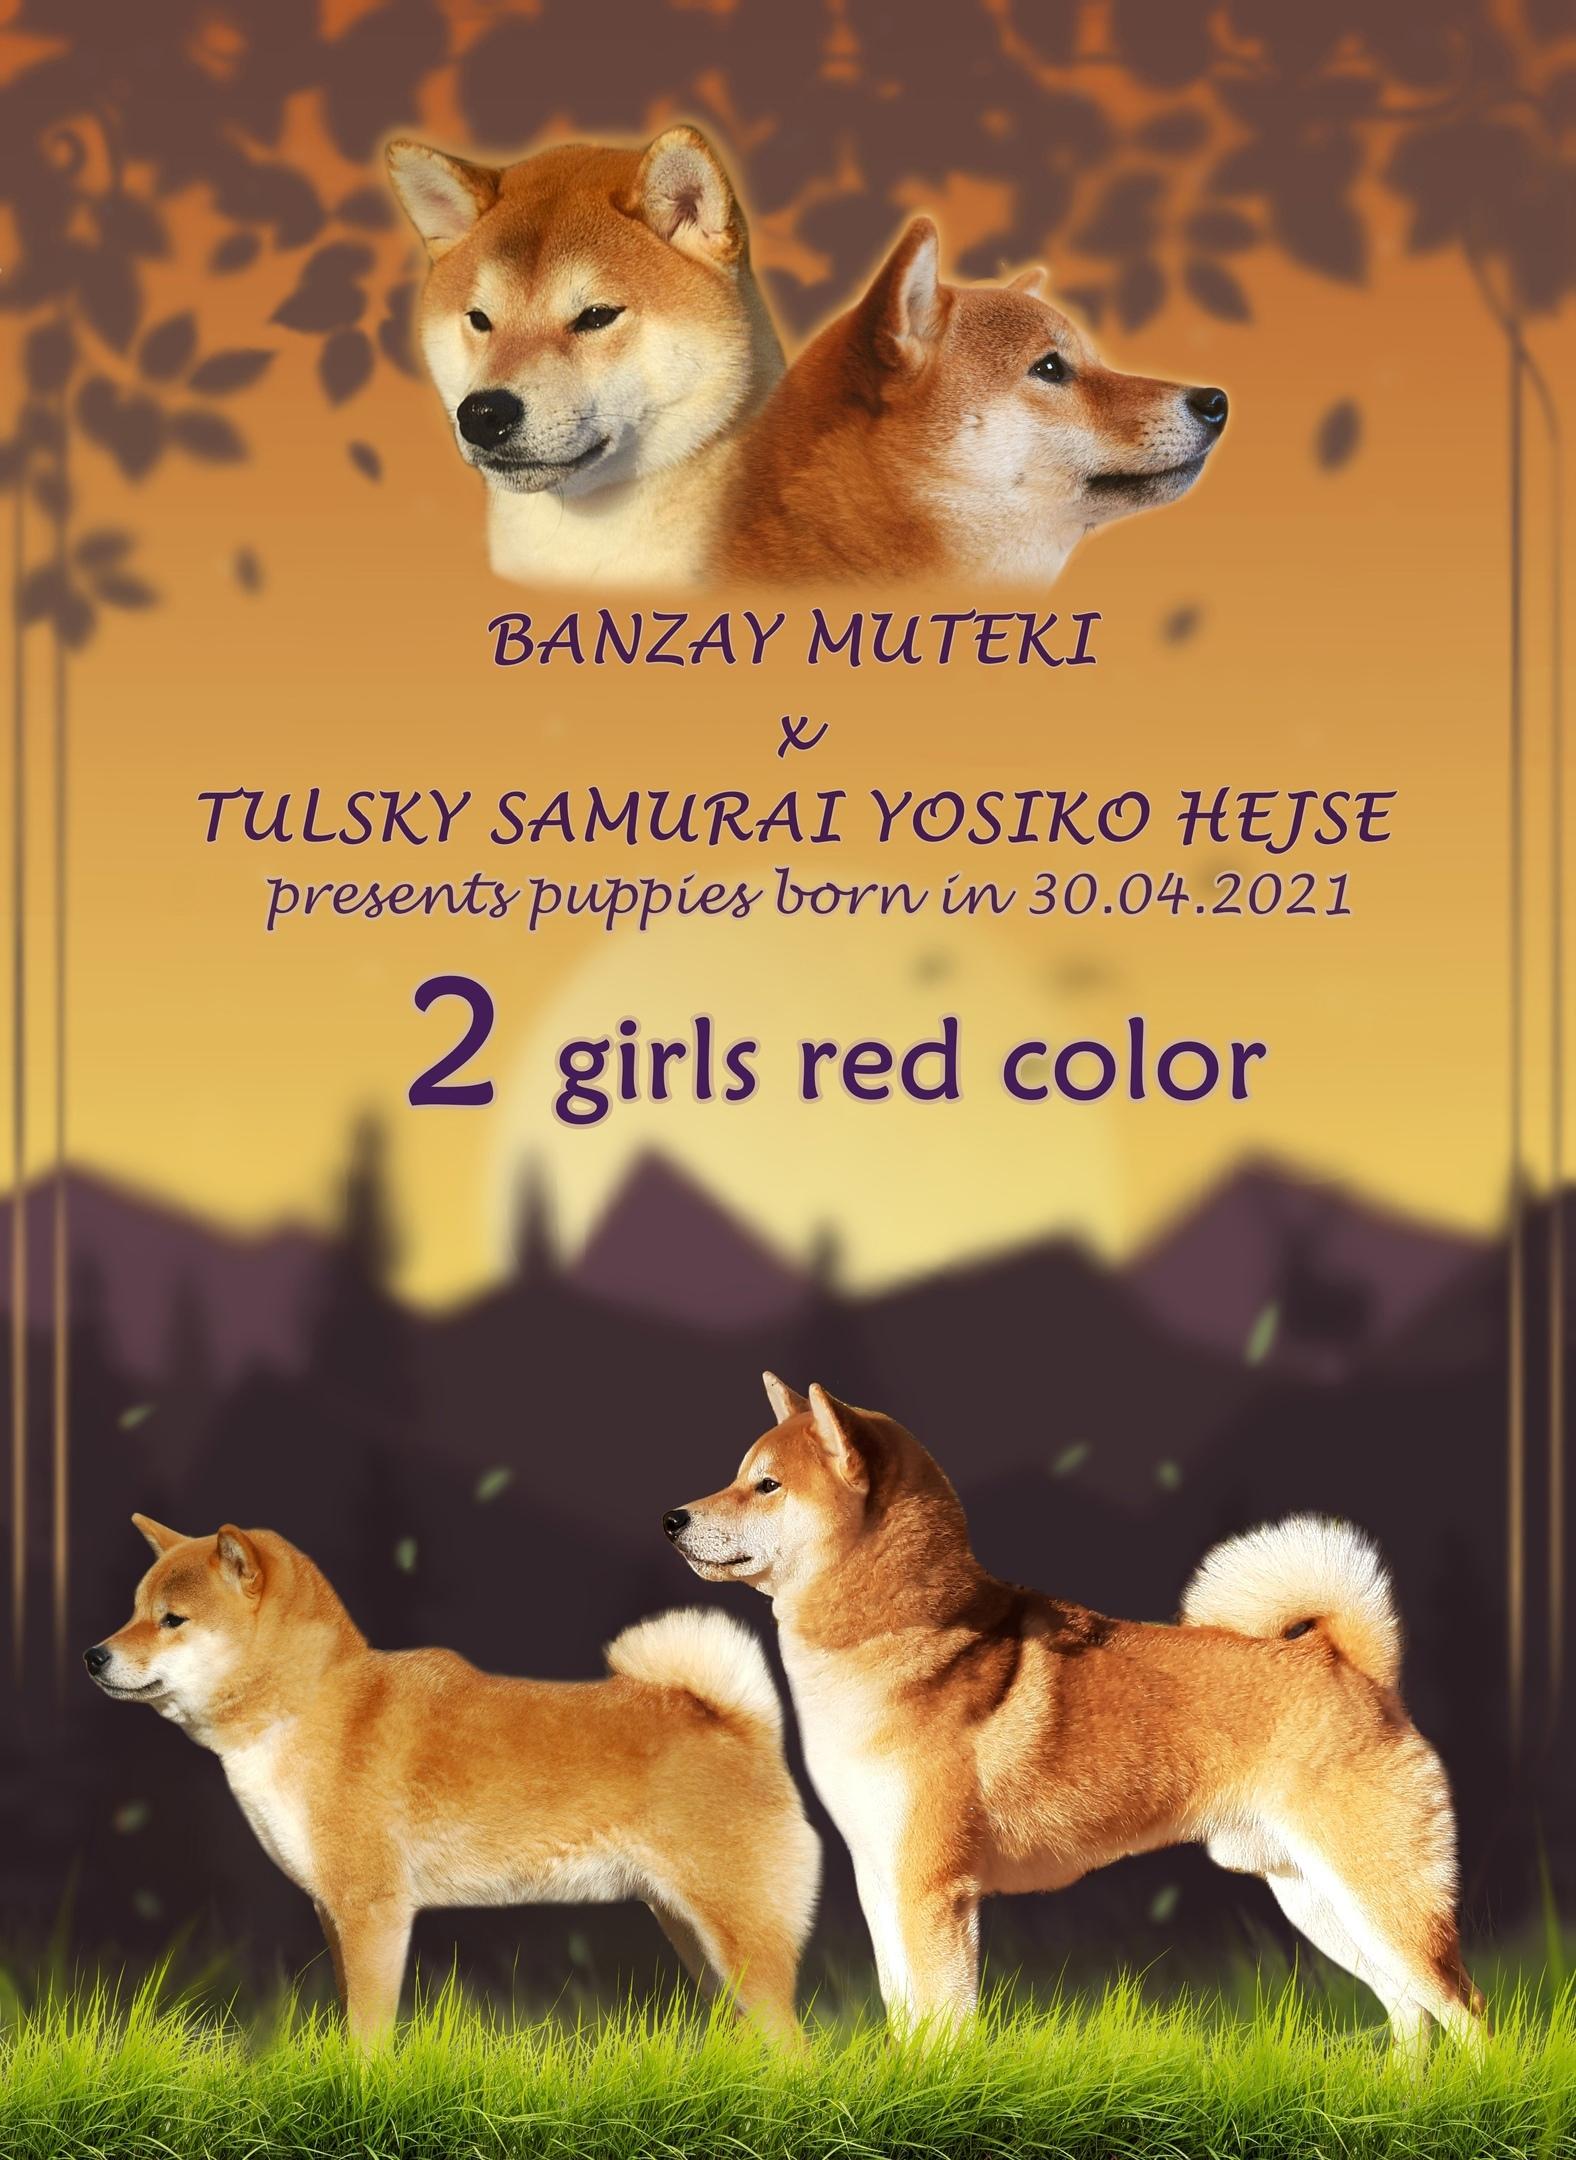 BANZAY MUTEKI Zicn3WTYd8U